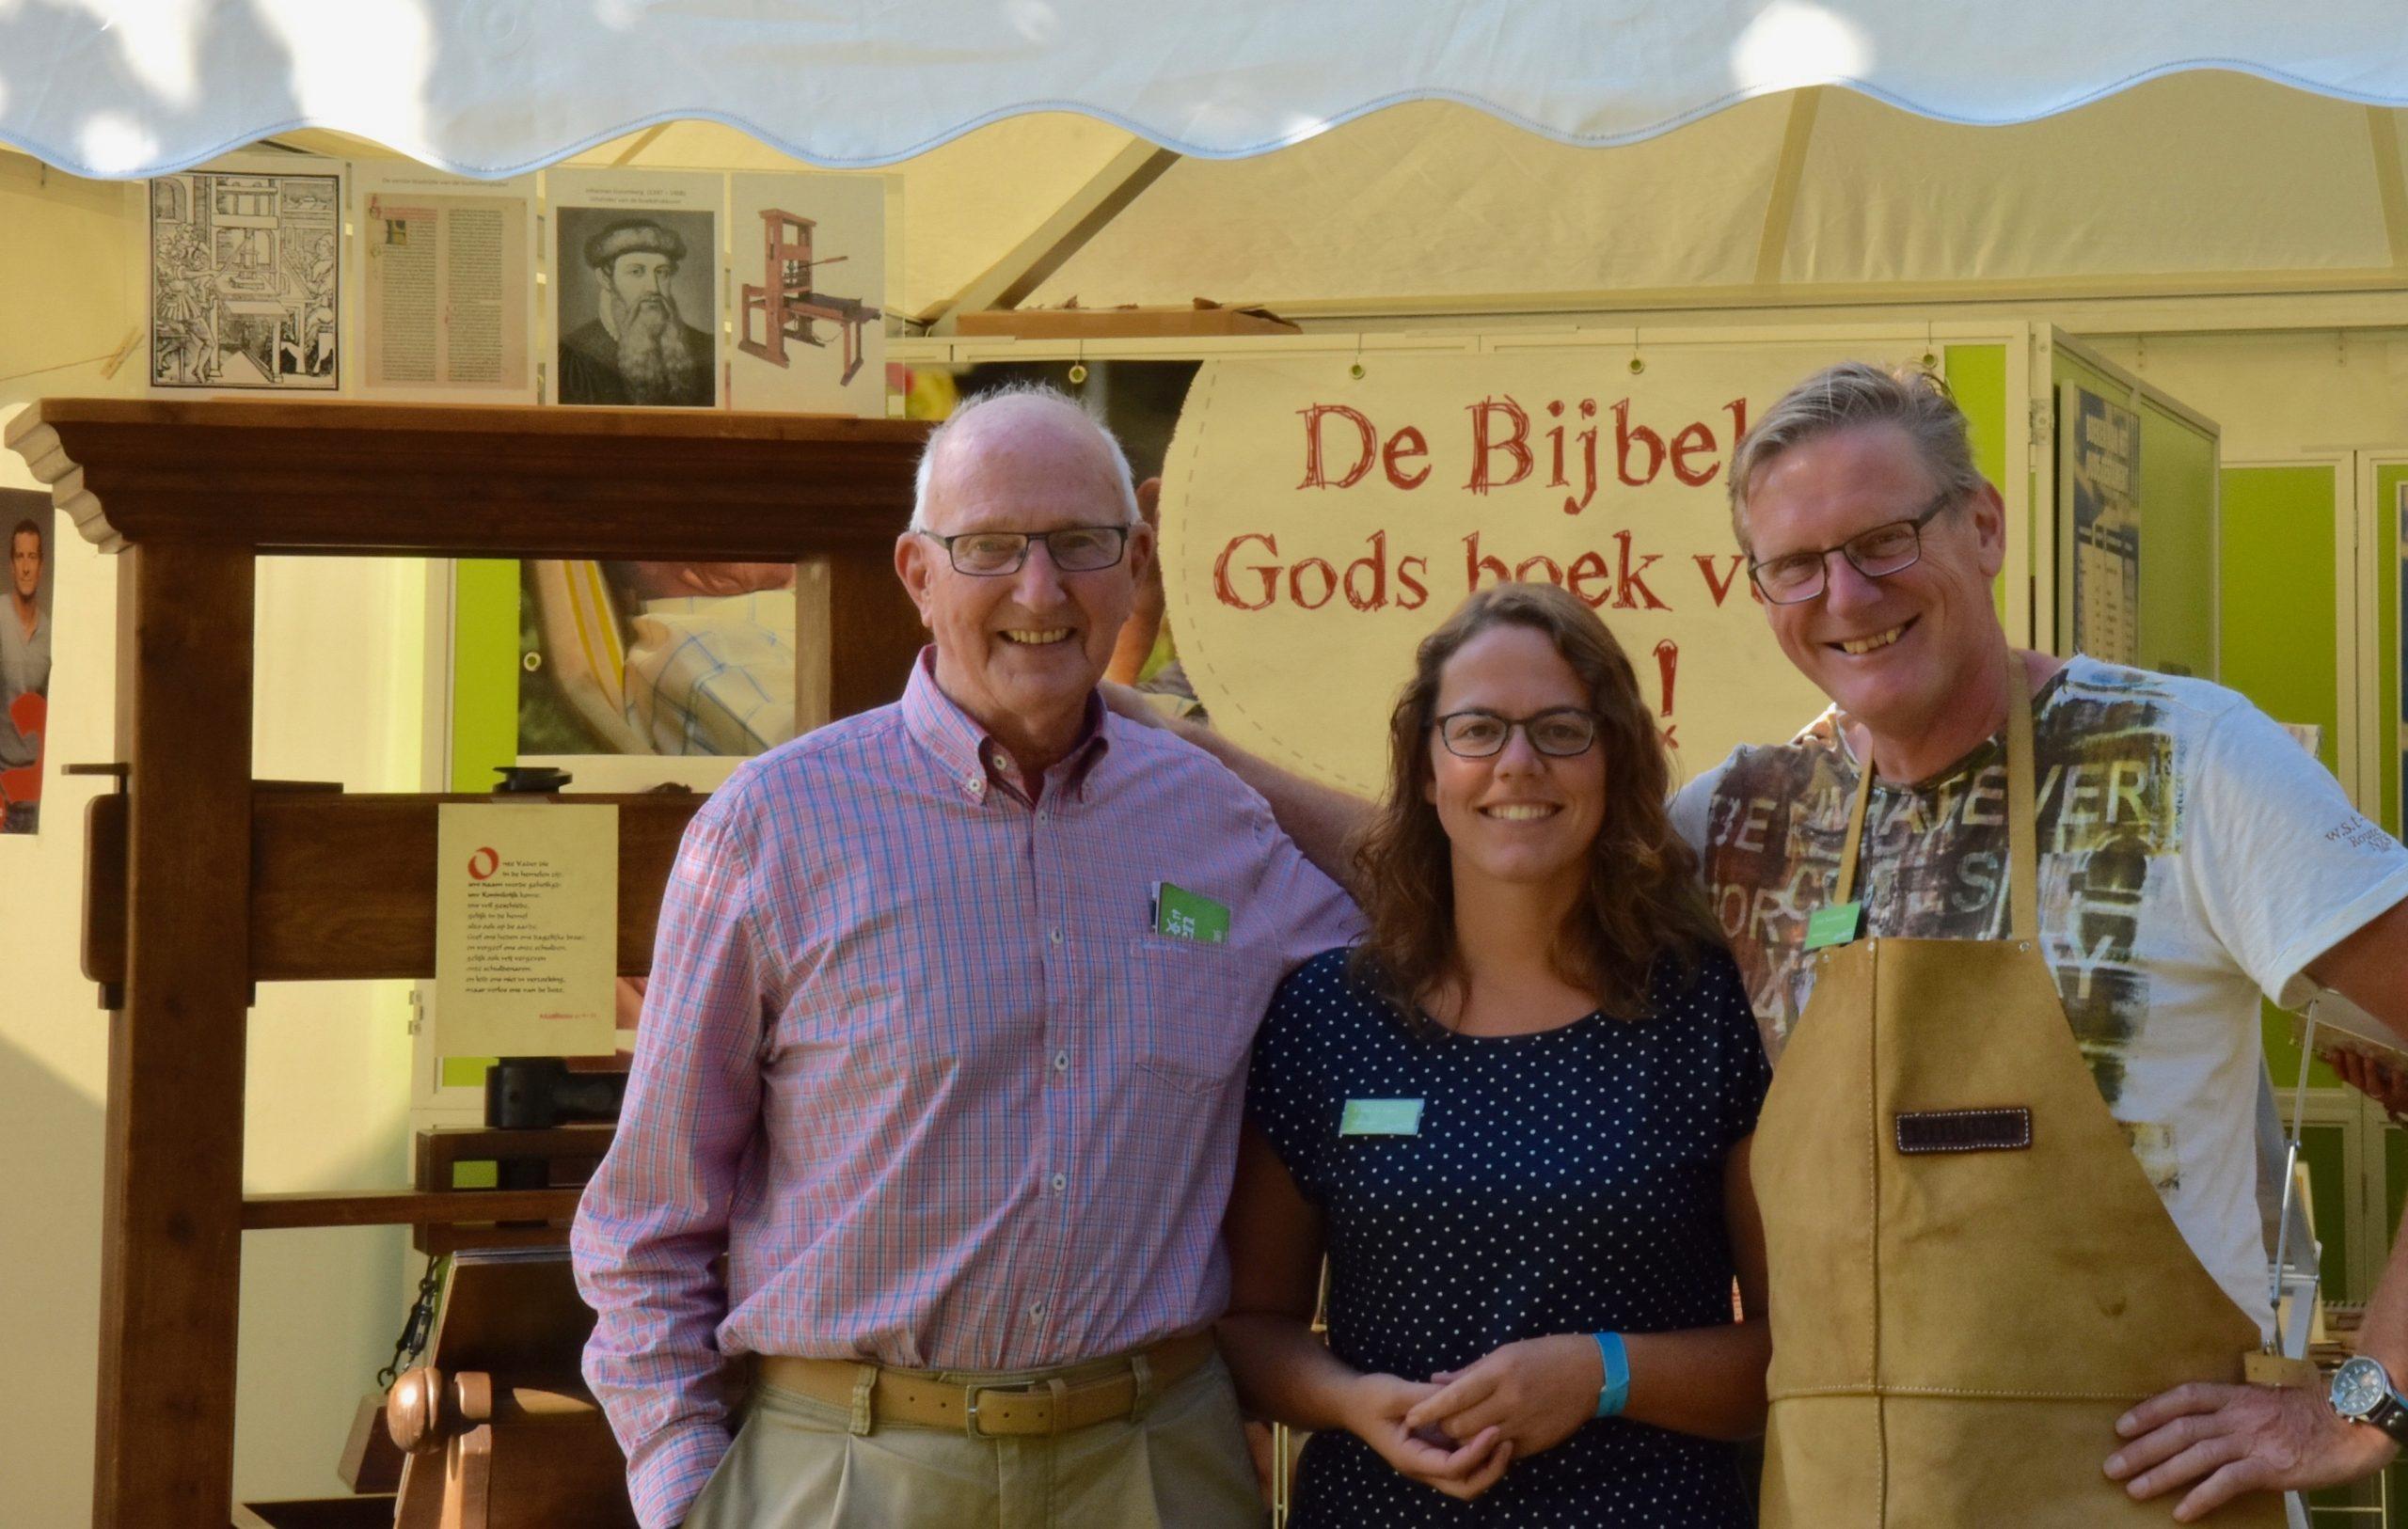 foto bij 3 generaties scaled - Bijbelstand.nl